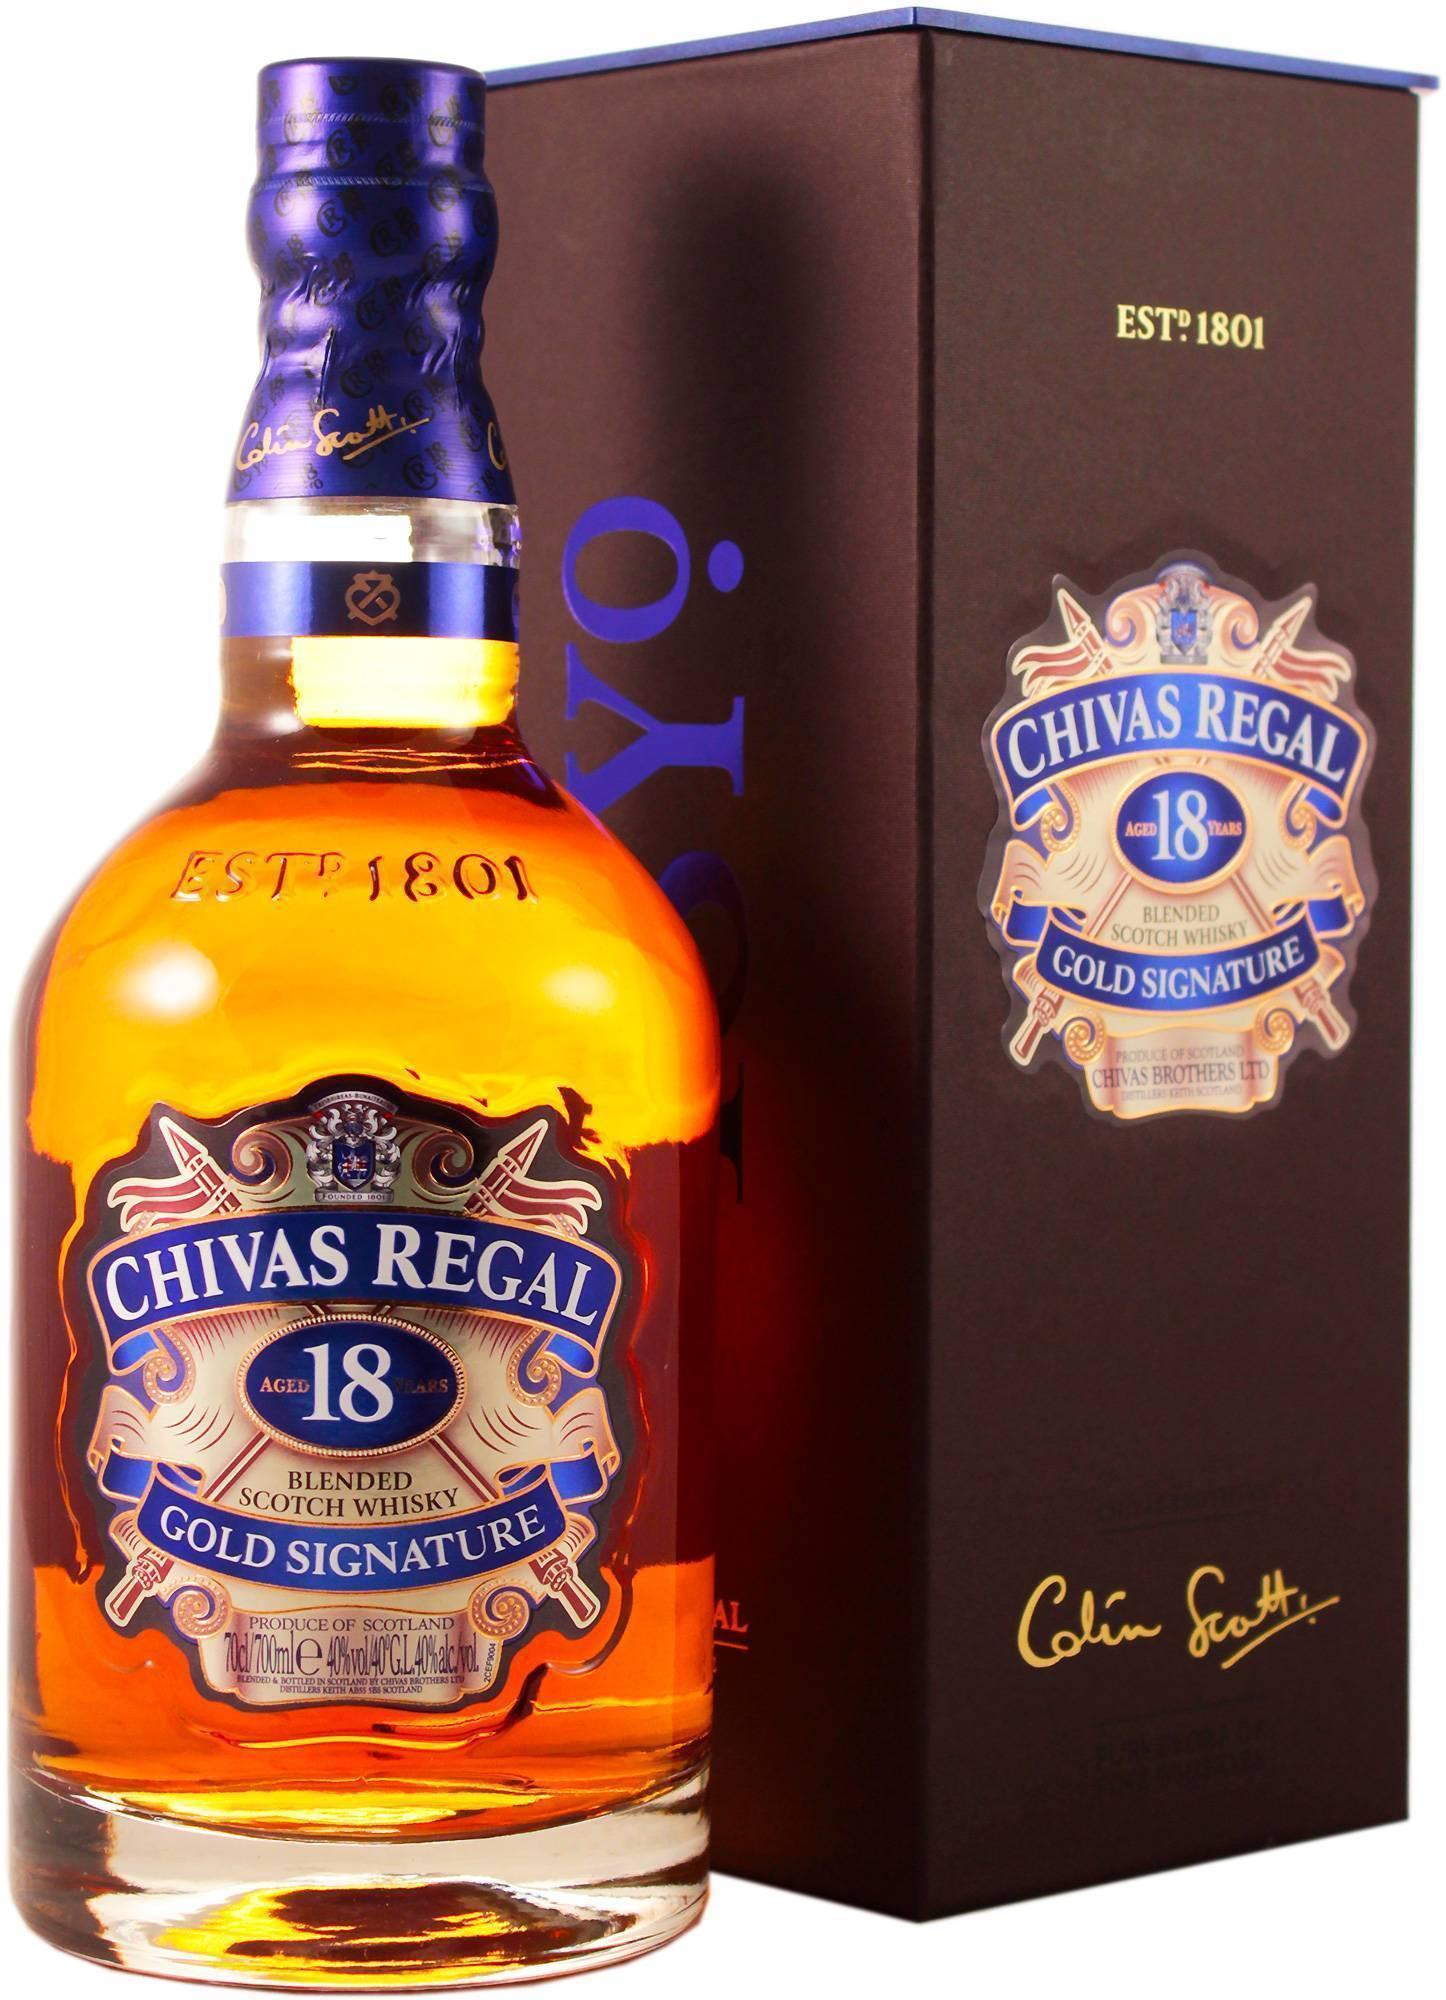 Виски чивас ригал (chivas regal): вкусовые характеристики и обзор линейки бренда   inshaker   яндекс дзен